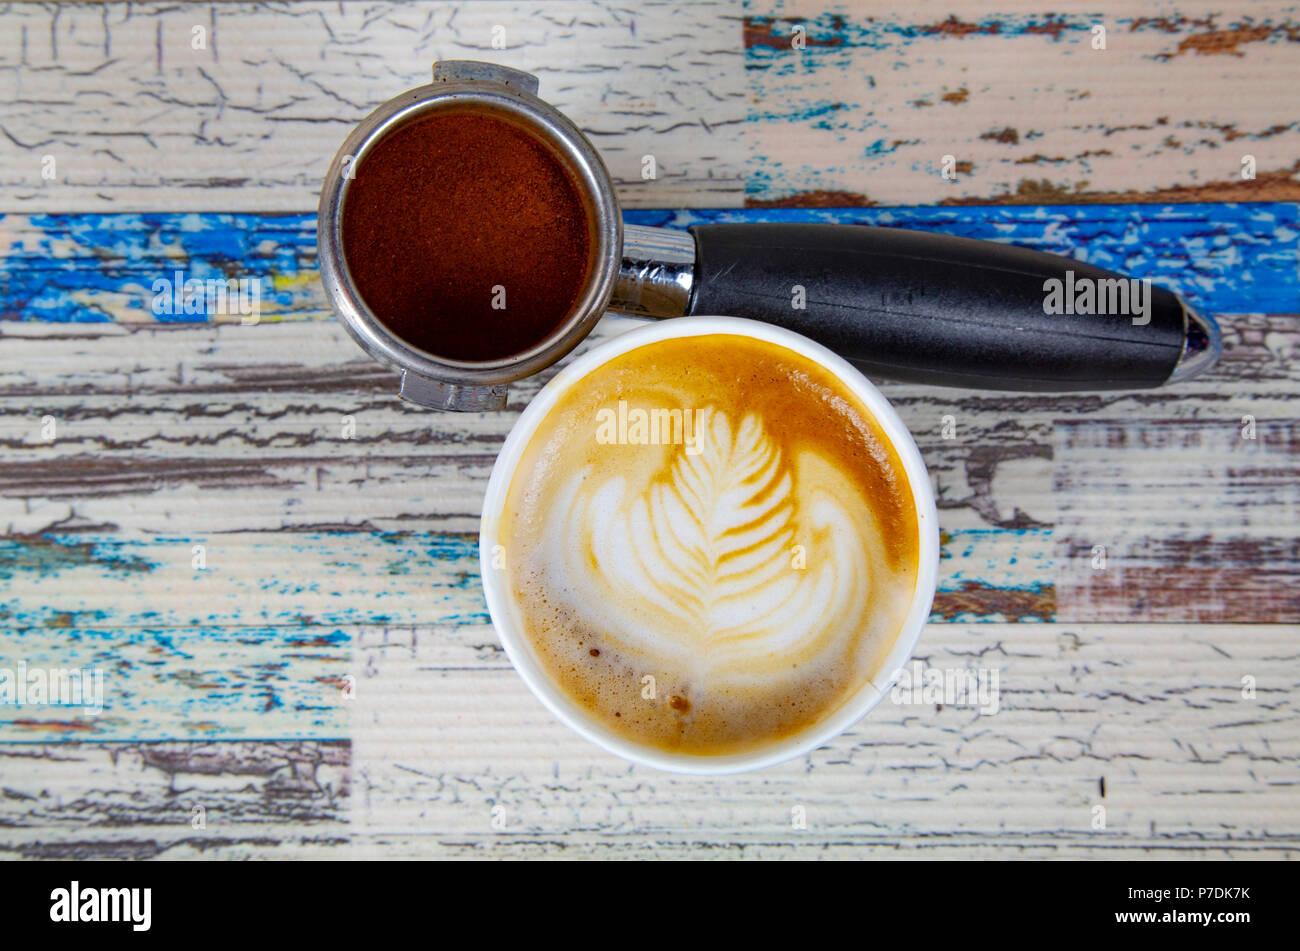 Une tasse de café au lait, cappuccino ou café expresso avec du lait mis sur une table en bois sombre avec des grains de café torréfié Photo Stock